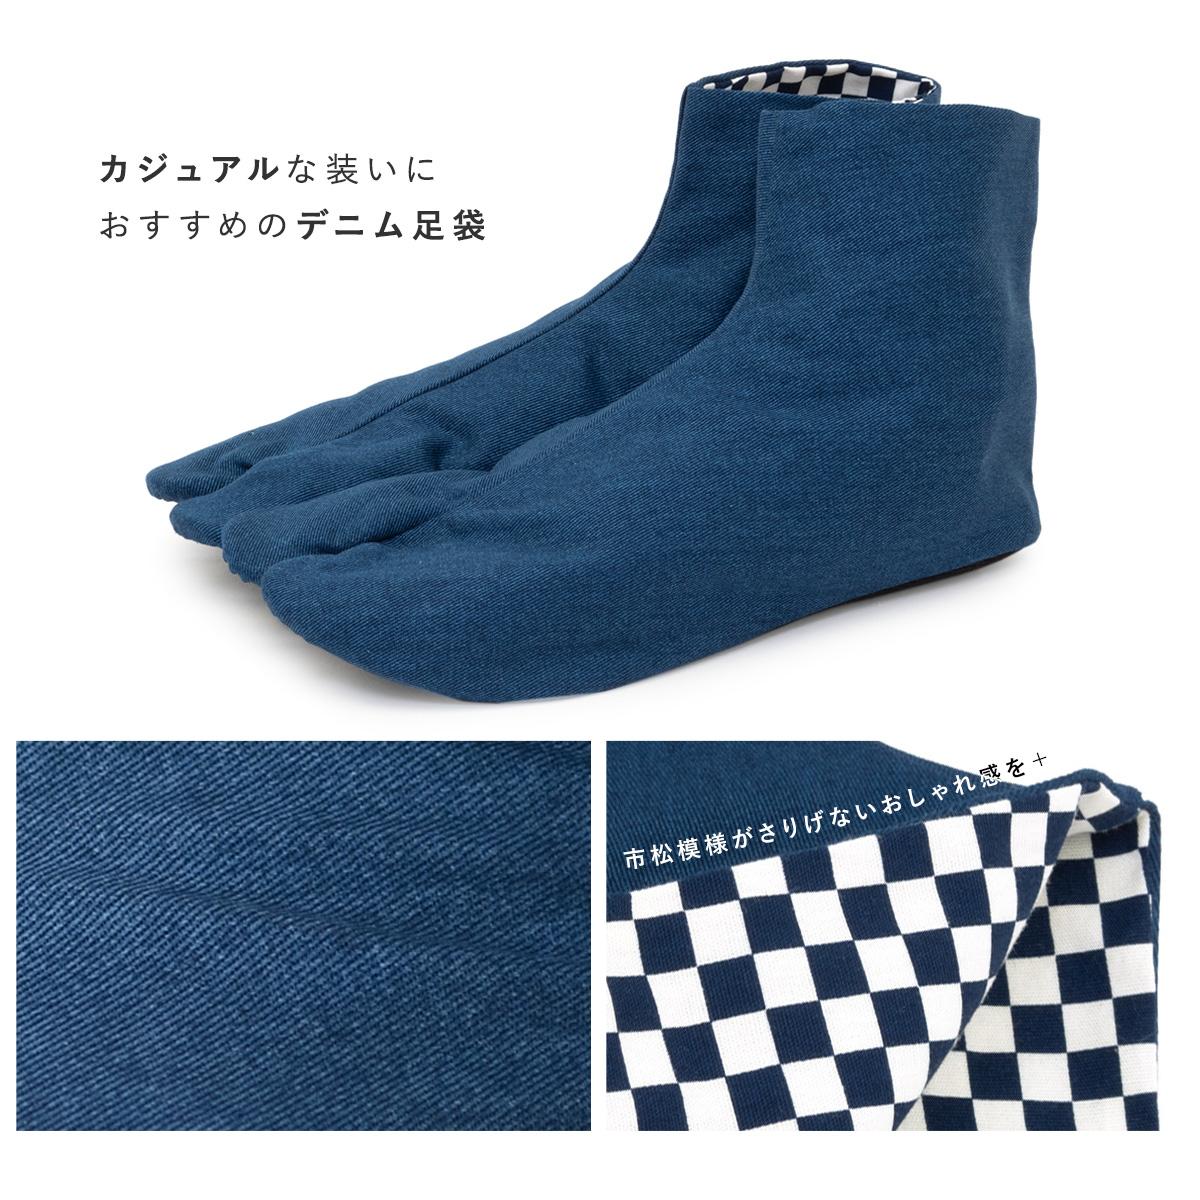 デニム生地の足袋